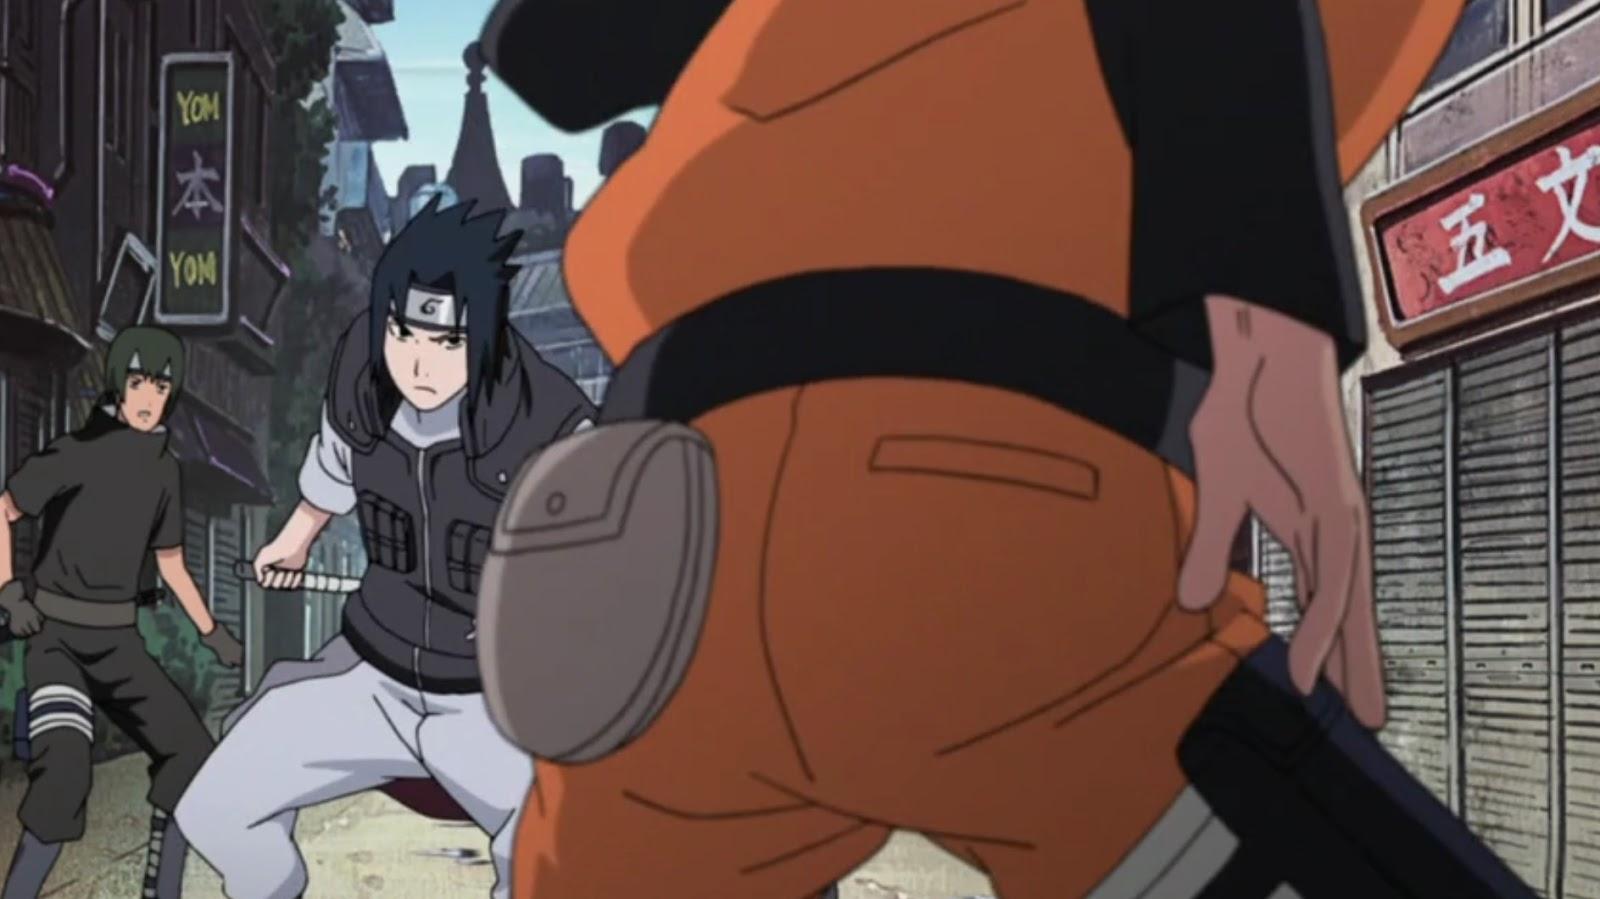 Naruto Shippuden Episódio 443, Assistir Naruto Shippuden Episódio 443, Assistir Naruto Shippuden Todos os Episódios Legendado, Naruto Shippuden episódio 443,HD